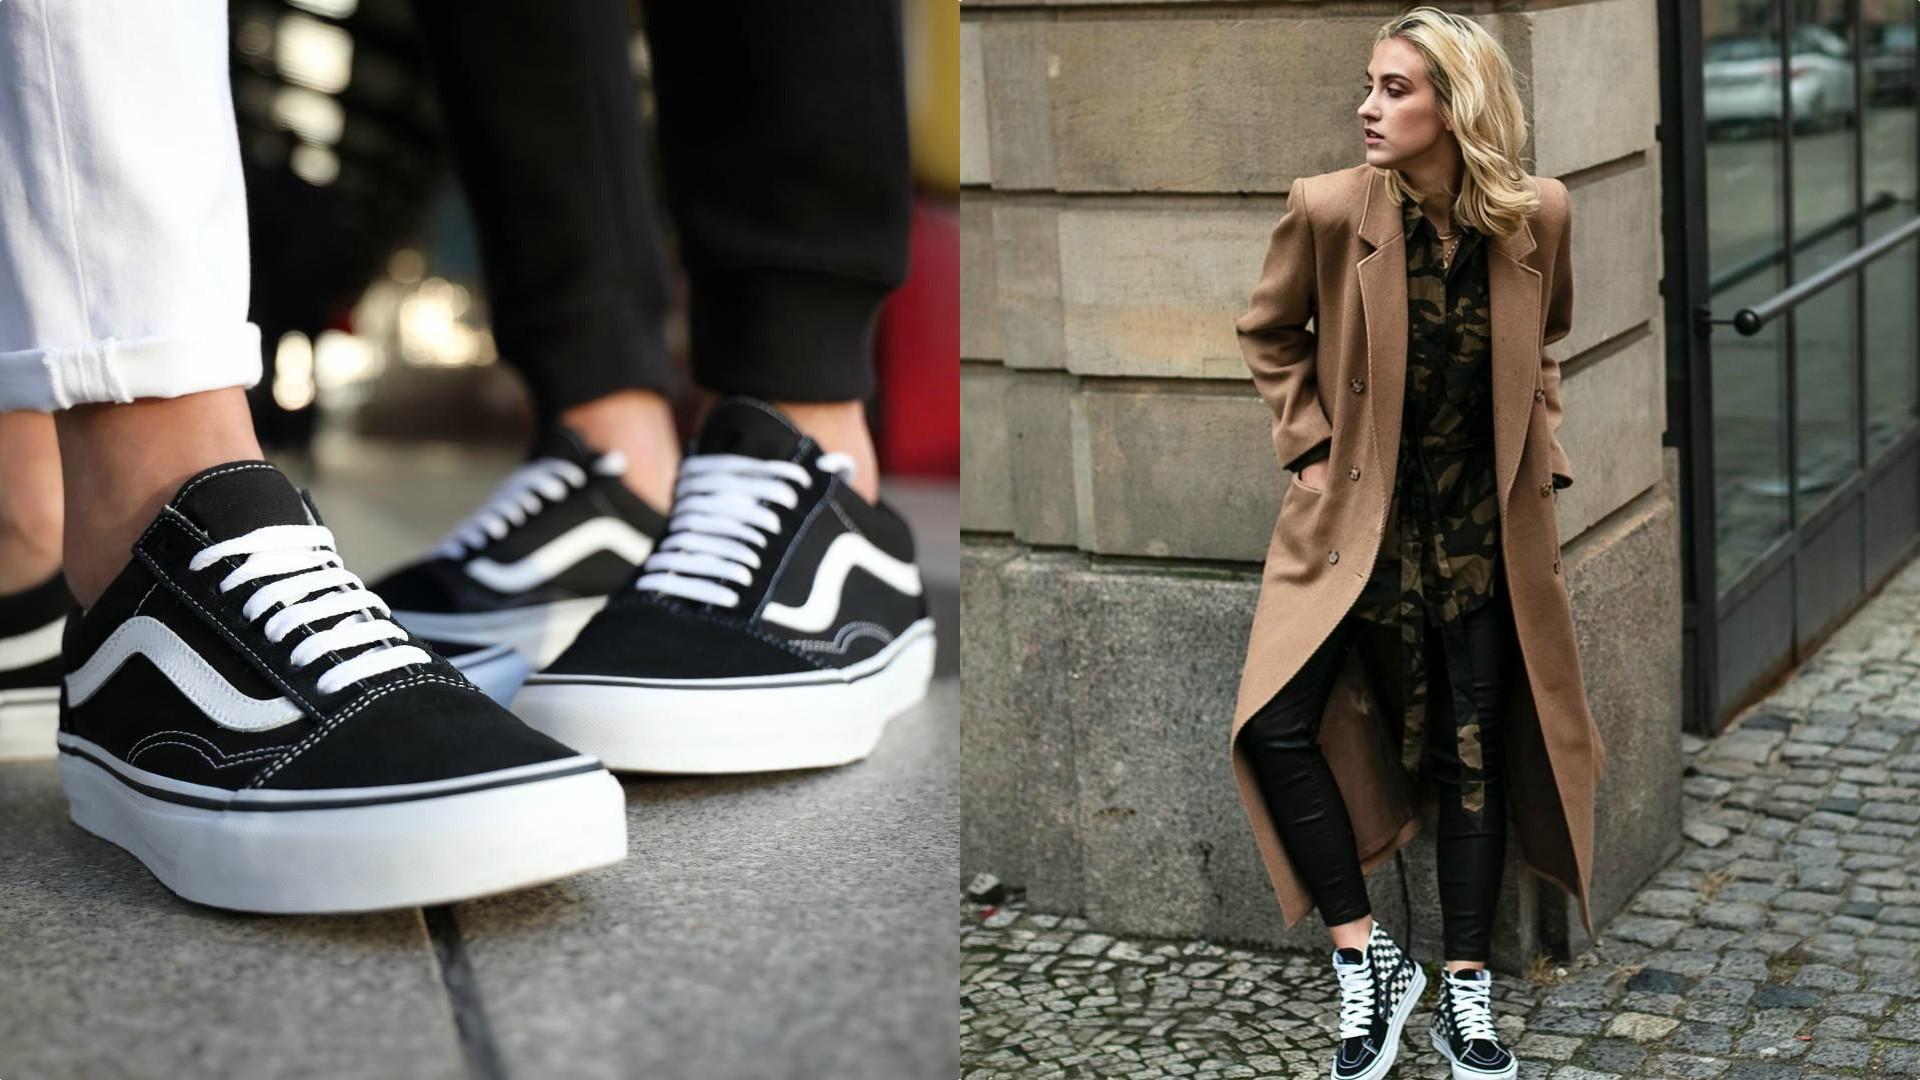 Te buty kochają Justin i Hailey Bieber, Bella Hadid i wiele innych gwiazd. Wiemy, gdzie je kupić